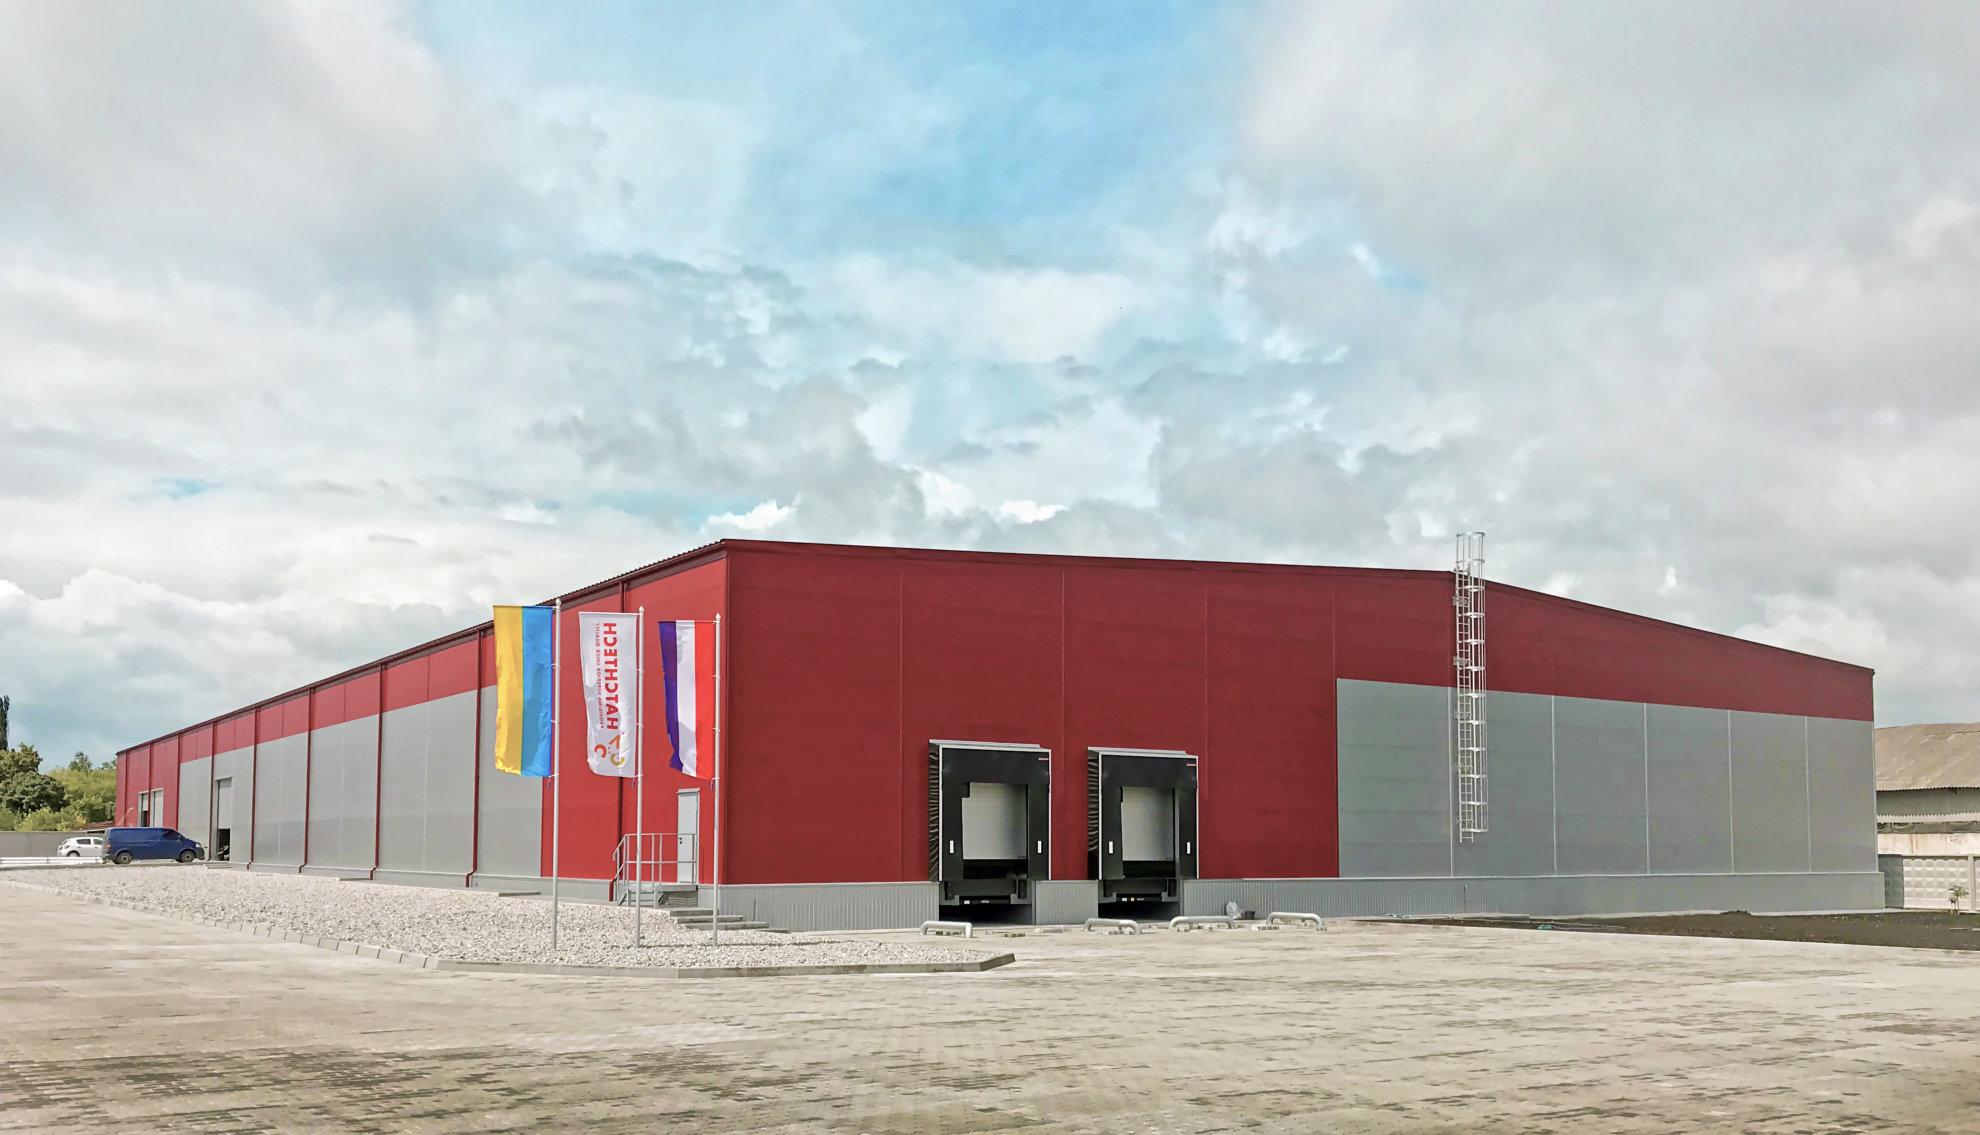 Складское здание в Барышевке, построенное llentab из сэндвич-панелей